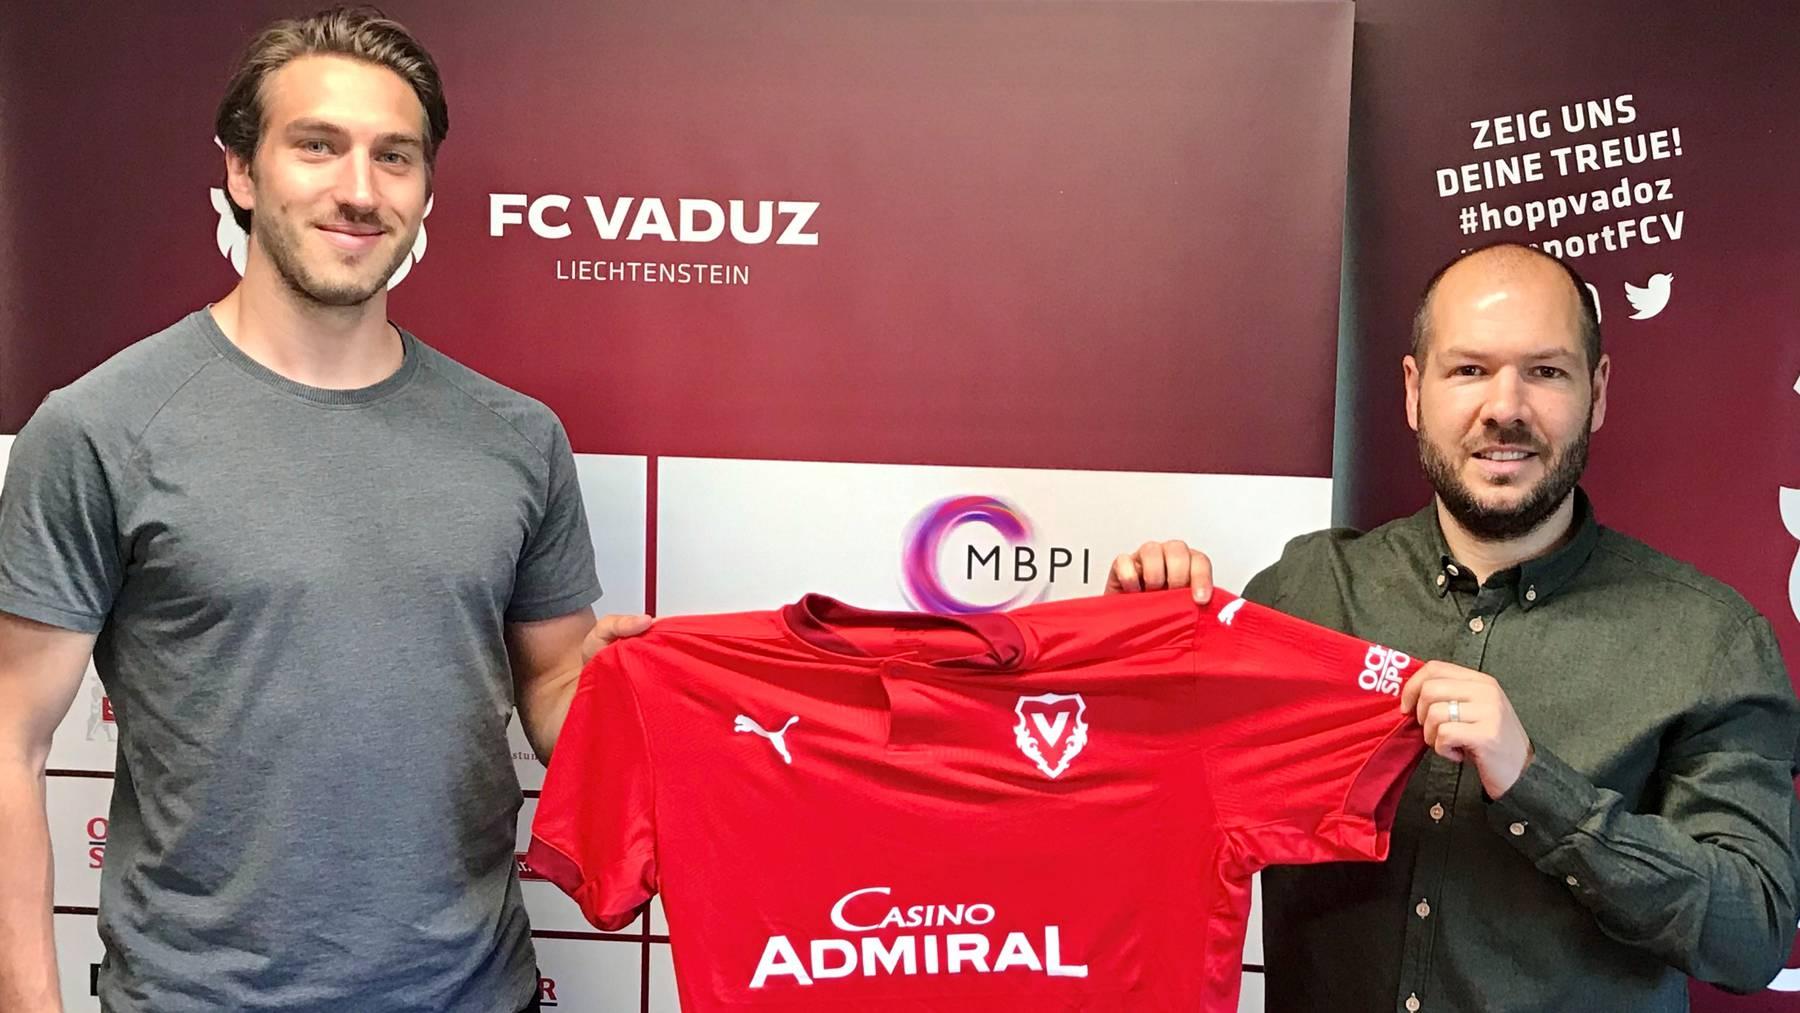 Simone Rapp wechselt vom rumänischen Verein Sepsi OSK zum FC Vaduz.